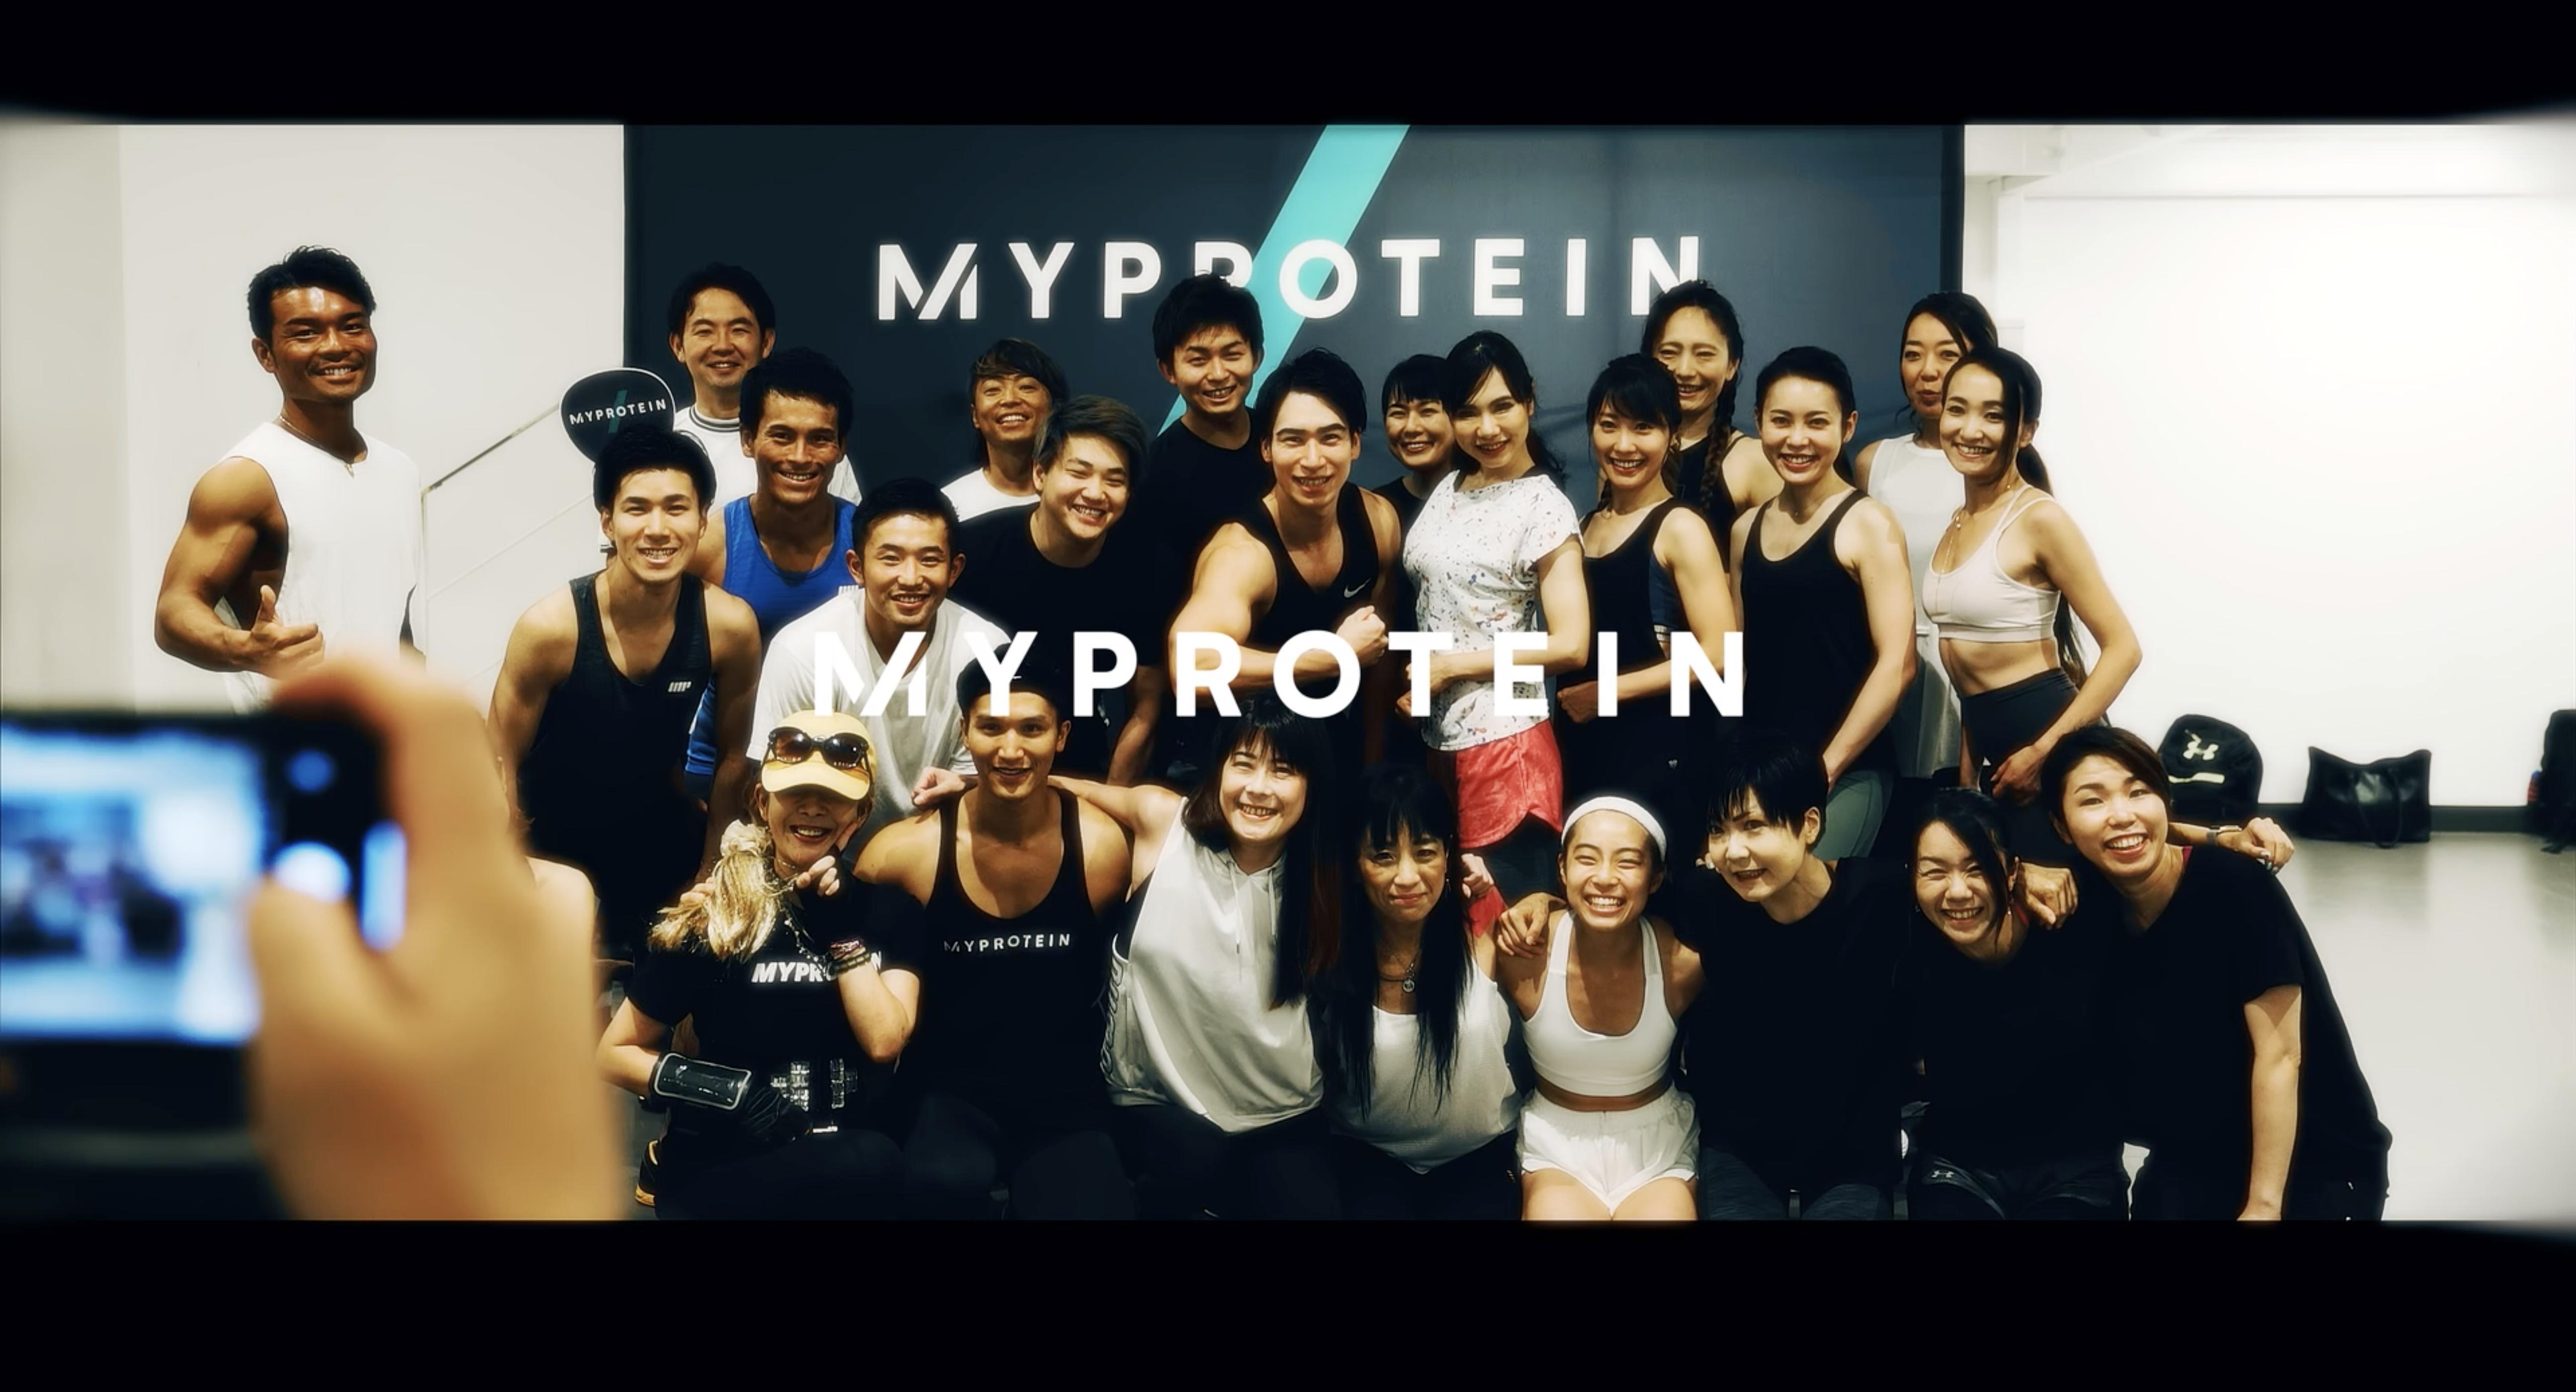 Myprotein × Pop Resistance Promotion Film